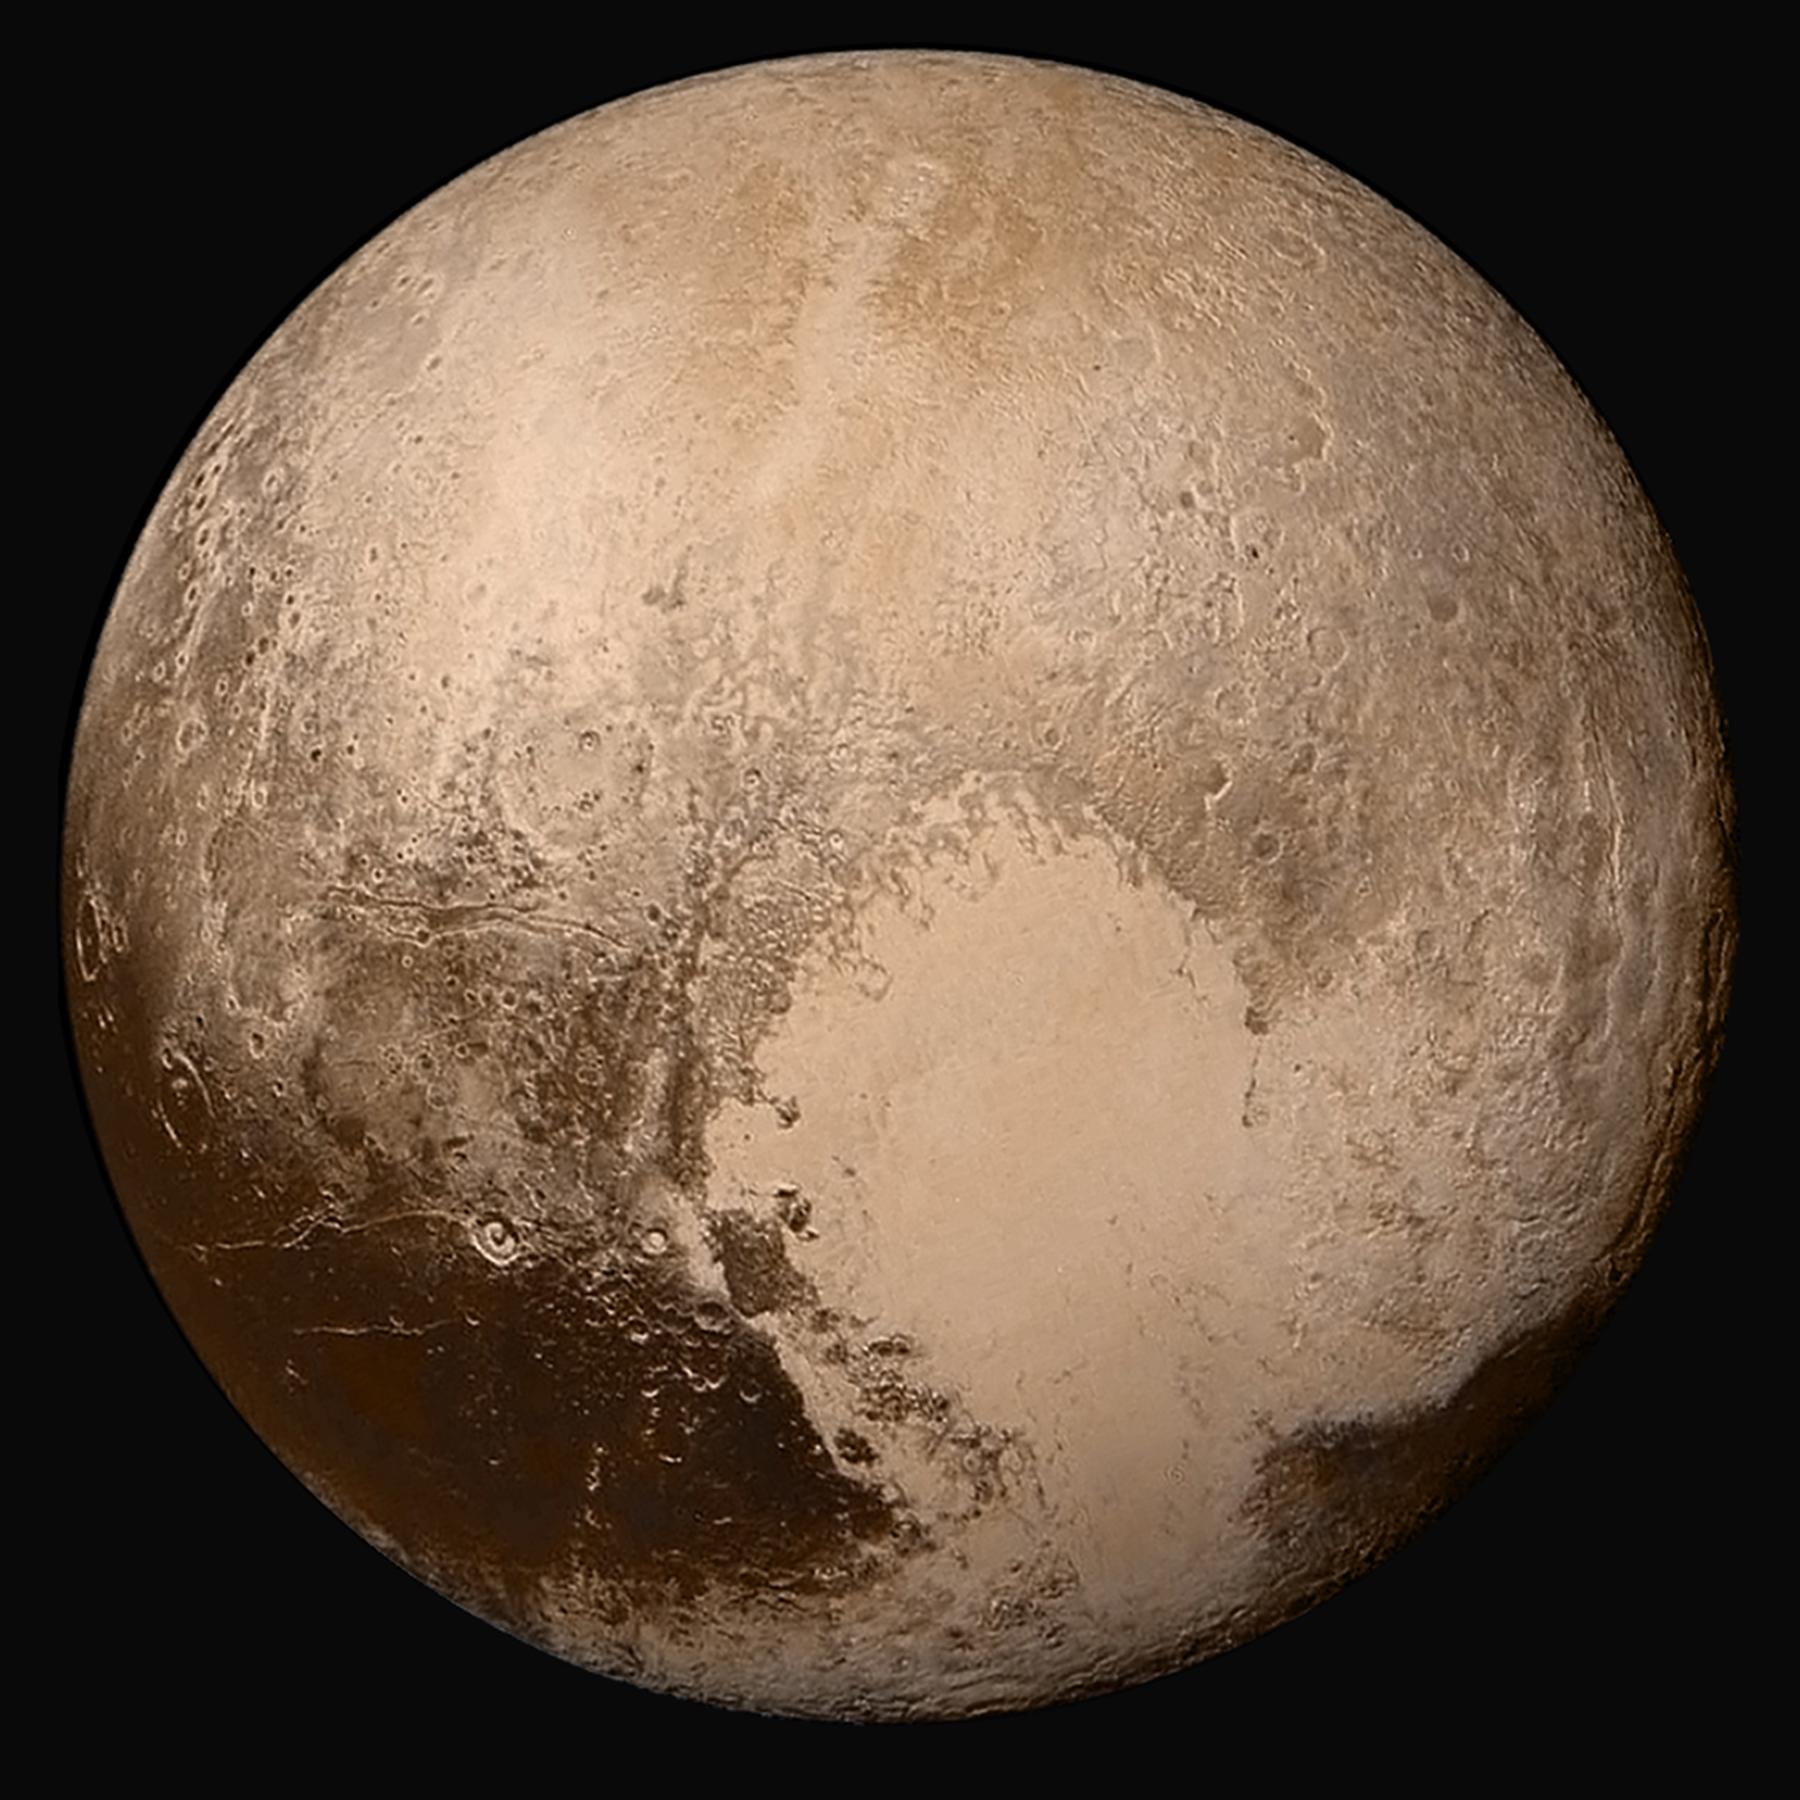 ¿Por qué Plutón ya no es un planeta?